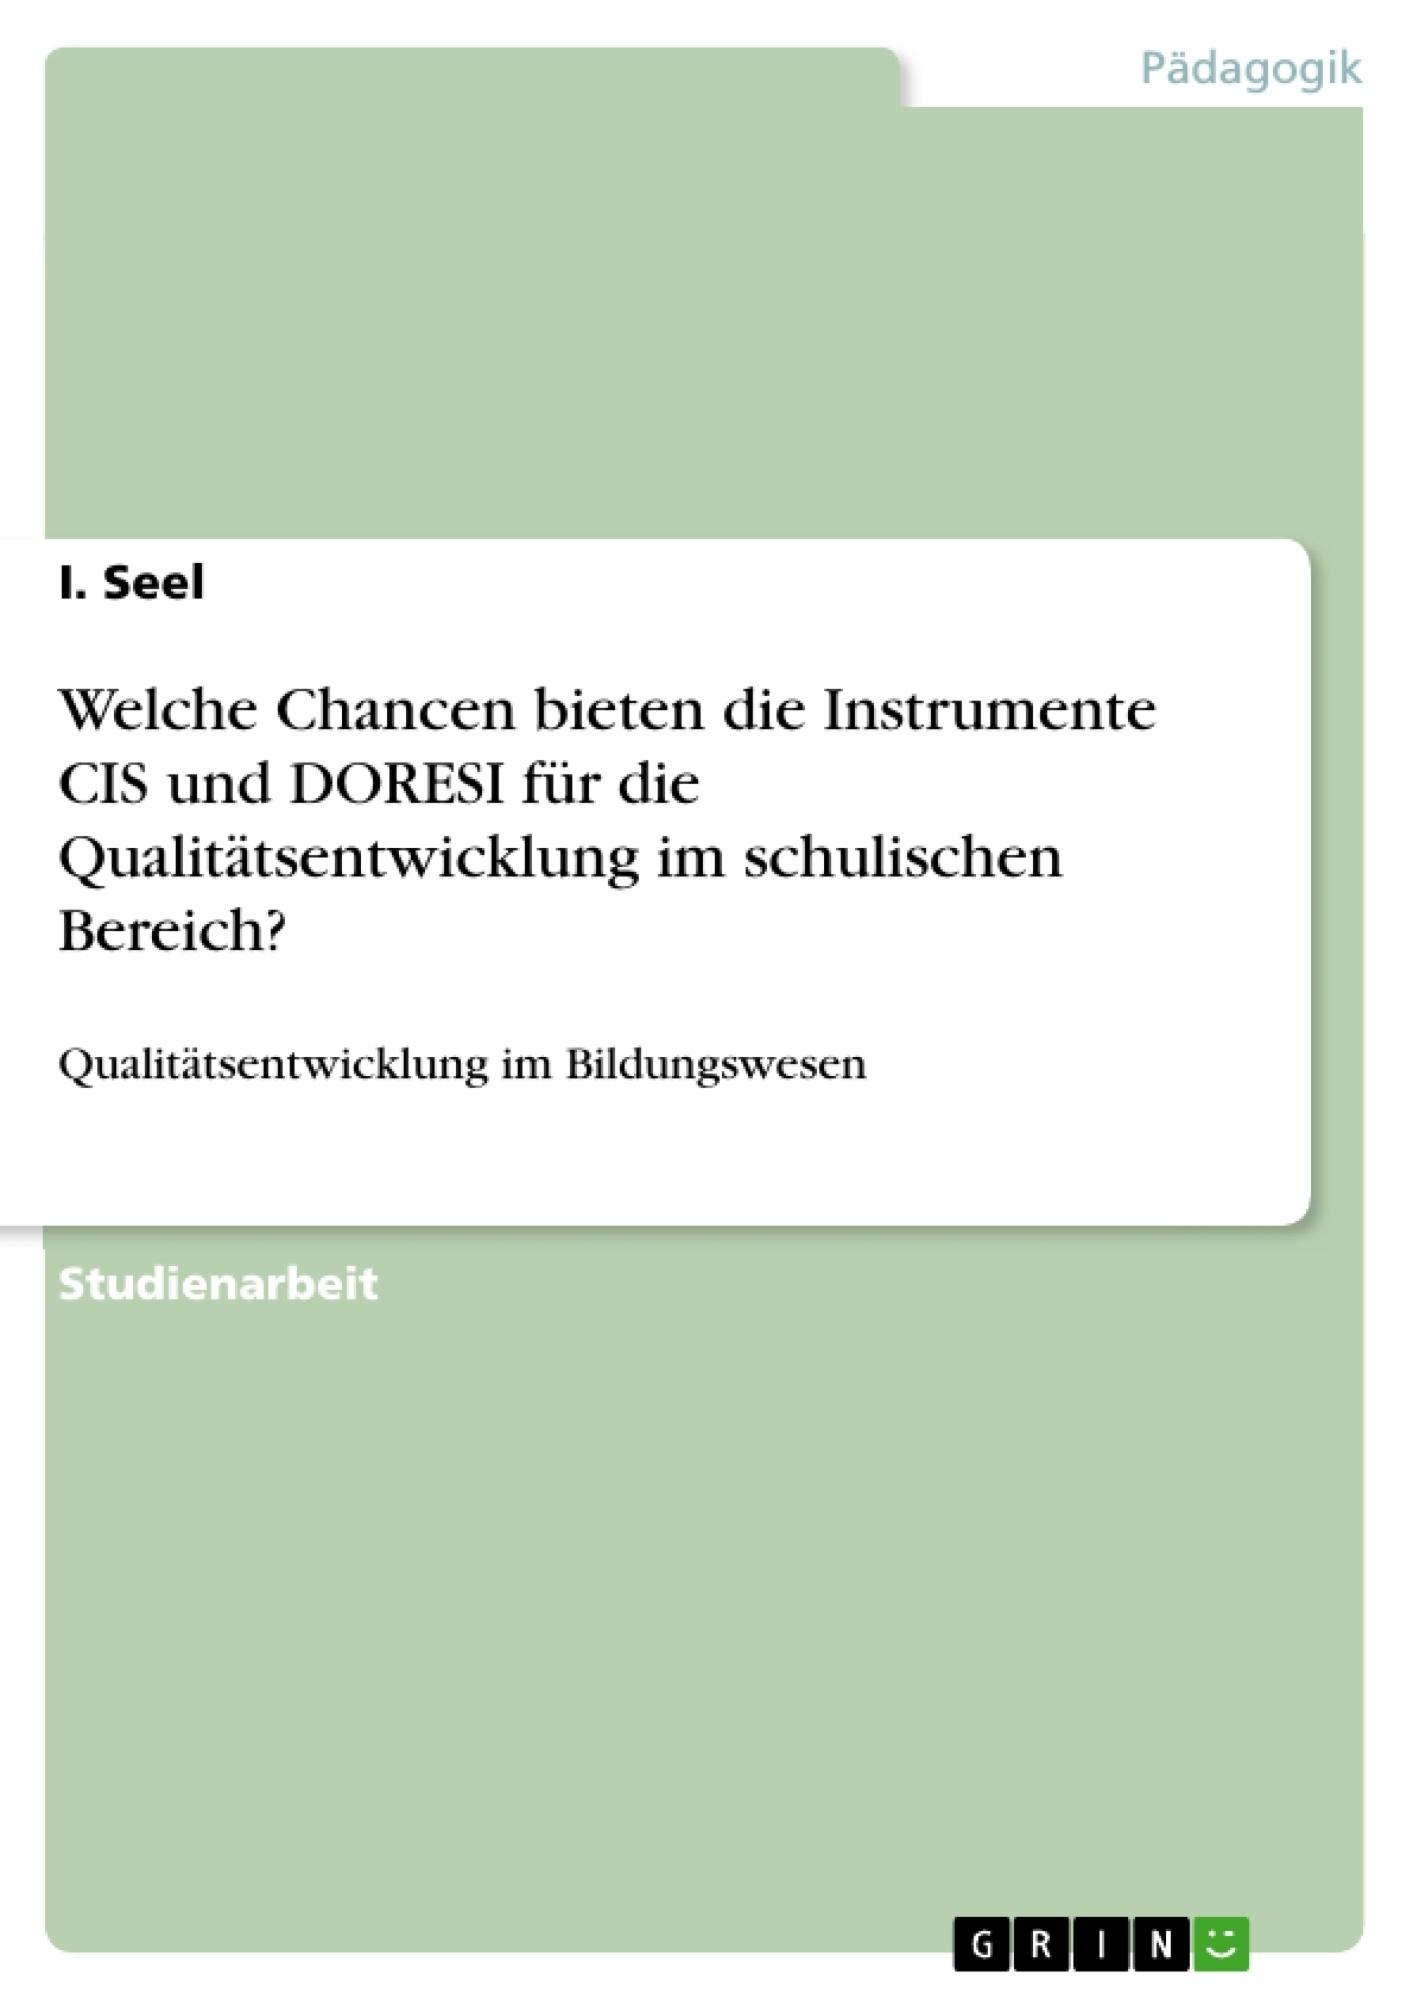 Titel: Welche Chancen bieten die Instrumente CIS und DORESI für die Qualitätsentwicklung im schulischen Bereich?